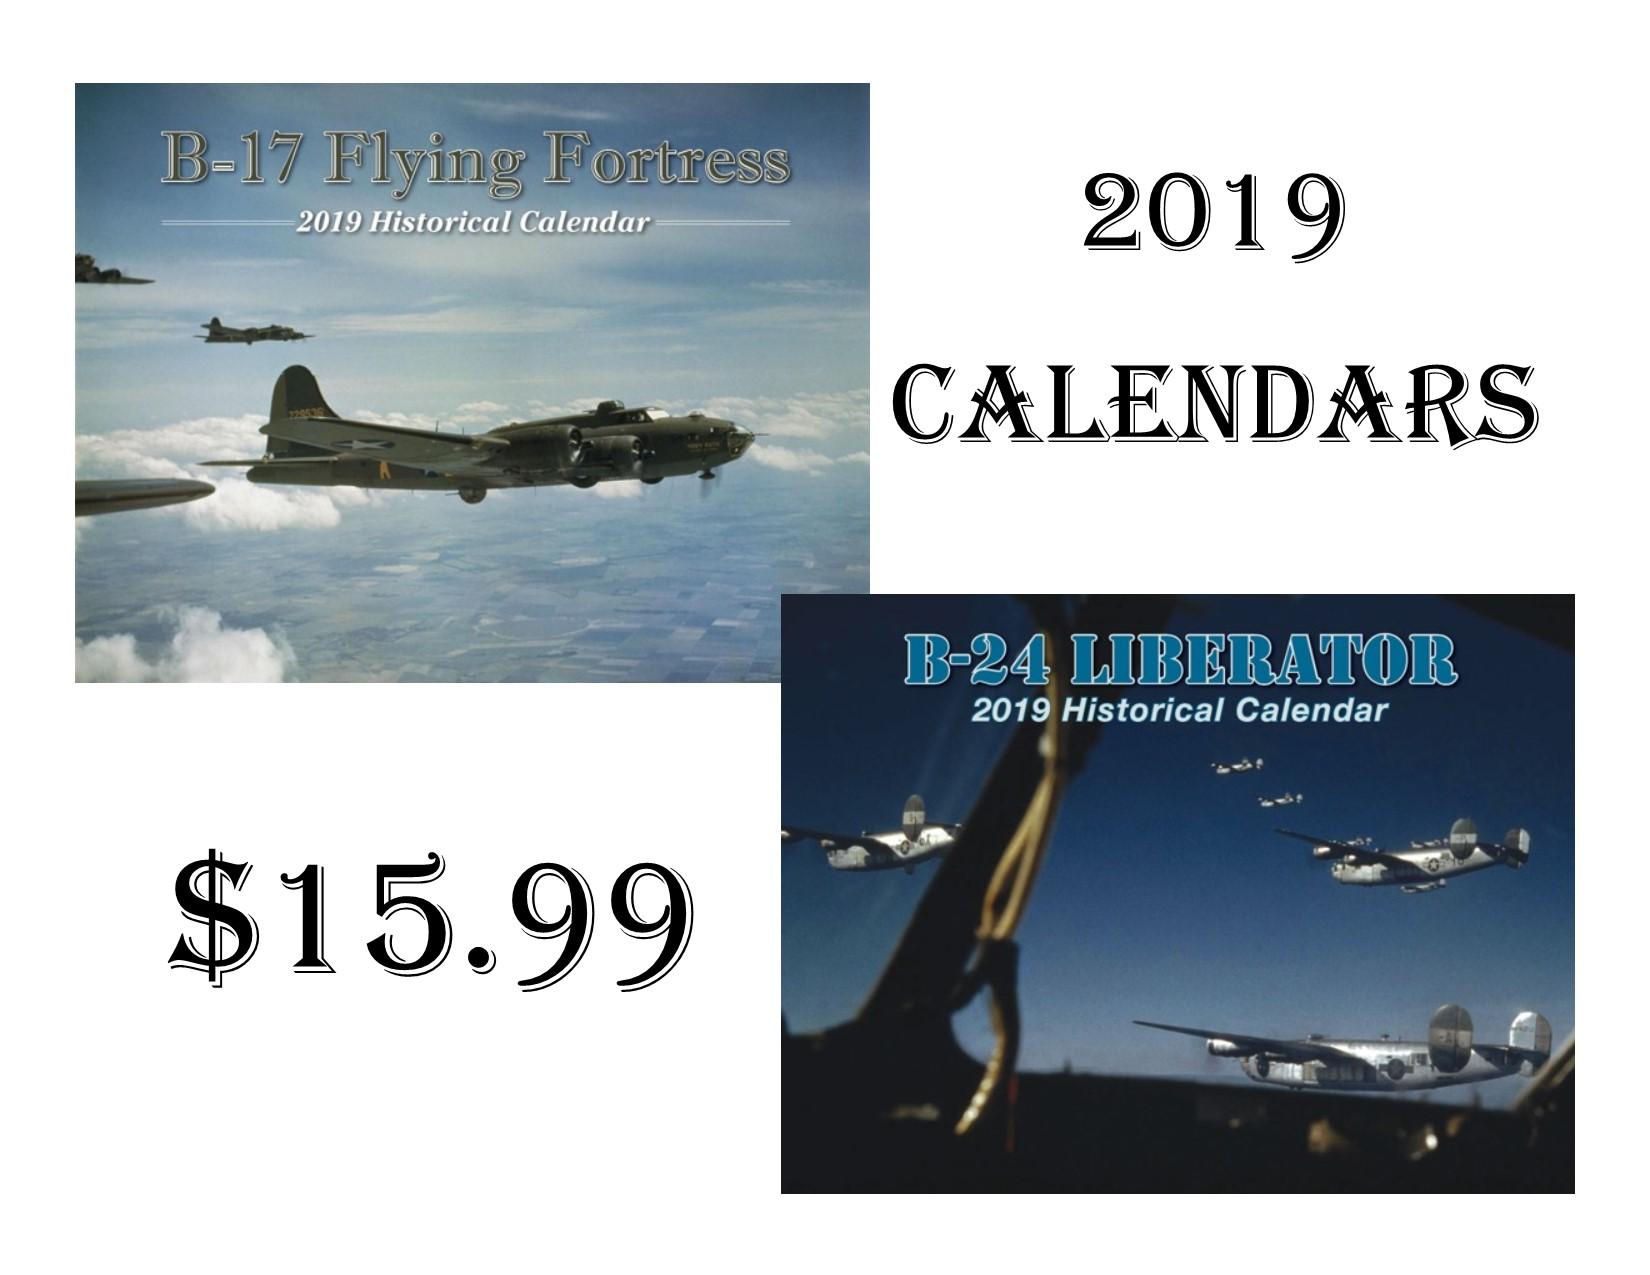 2019-calendars.jpg